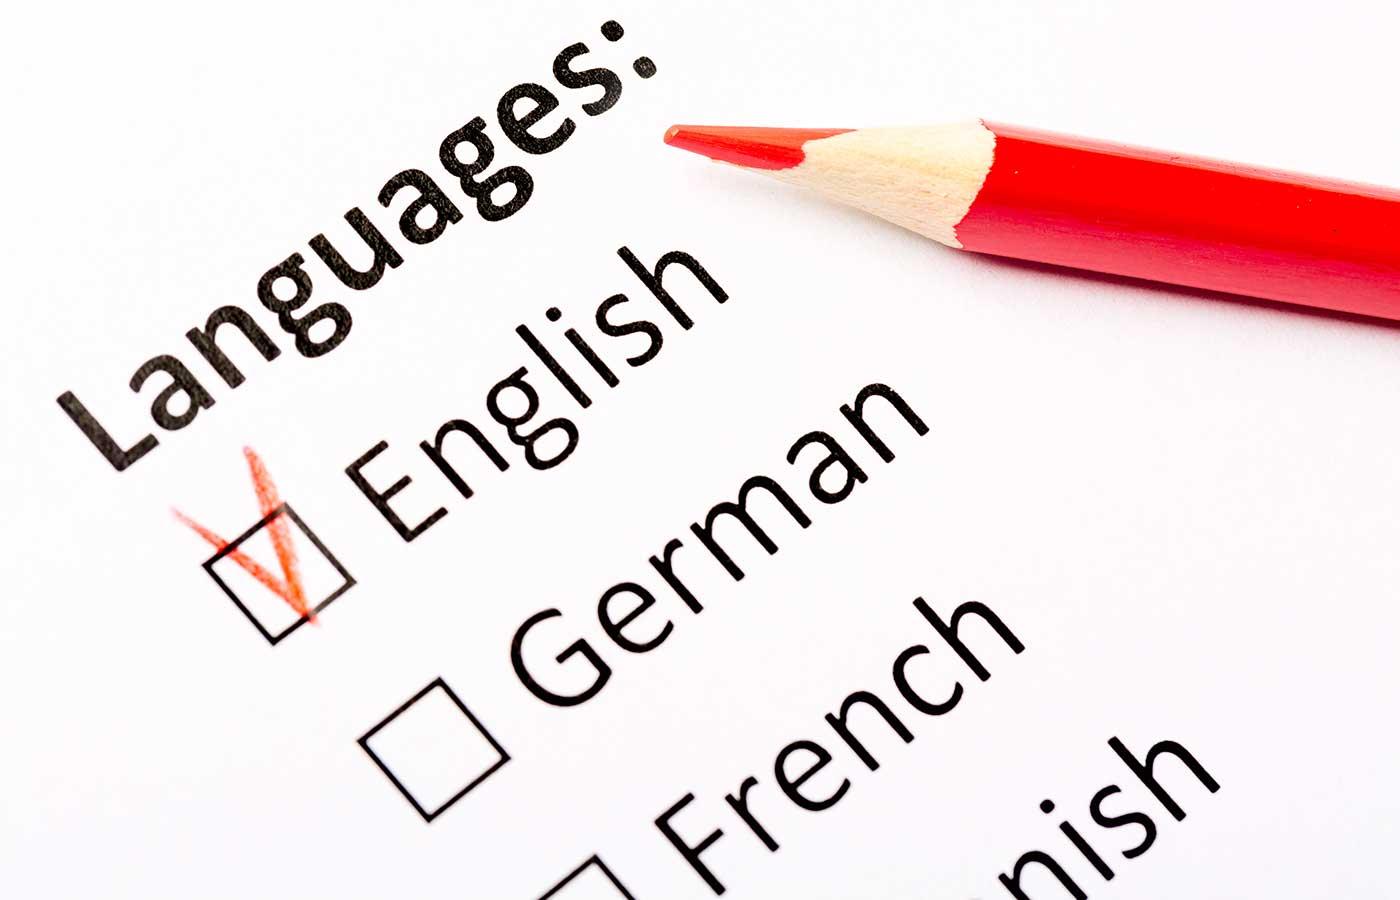 Europa donde mejor inglés se habla